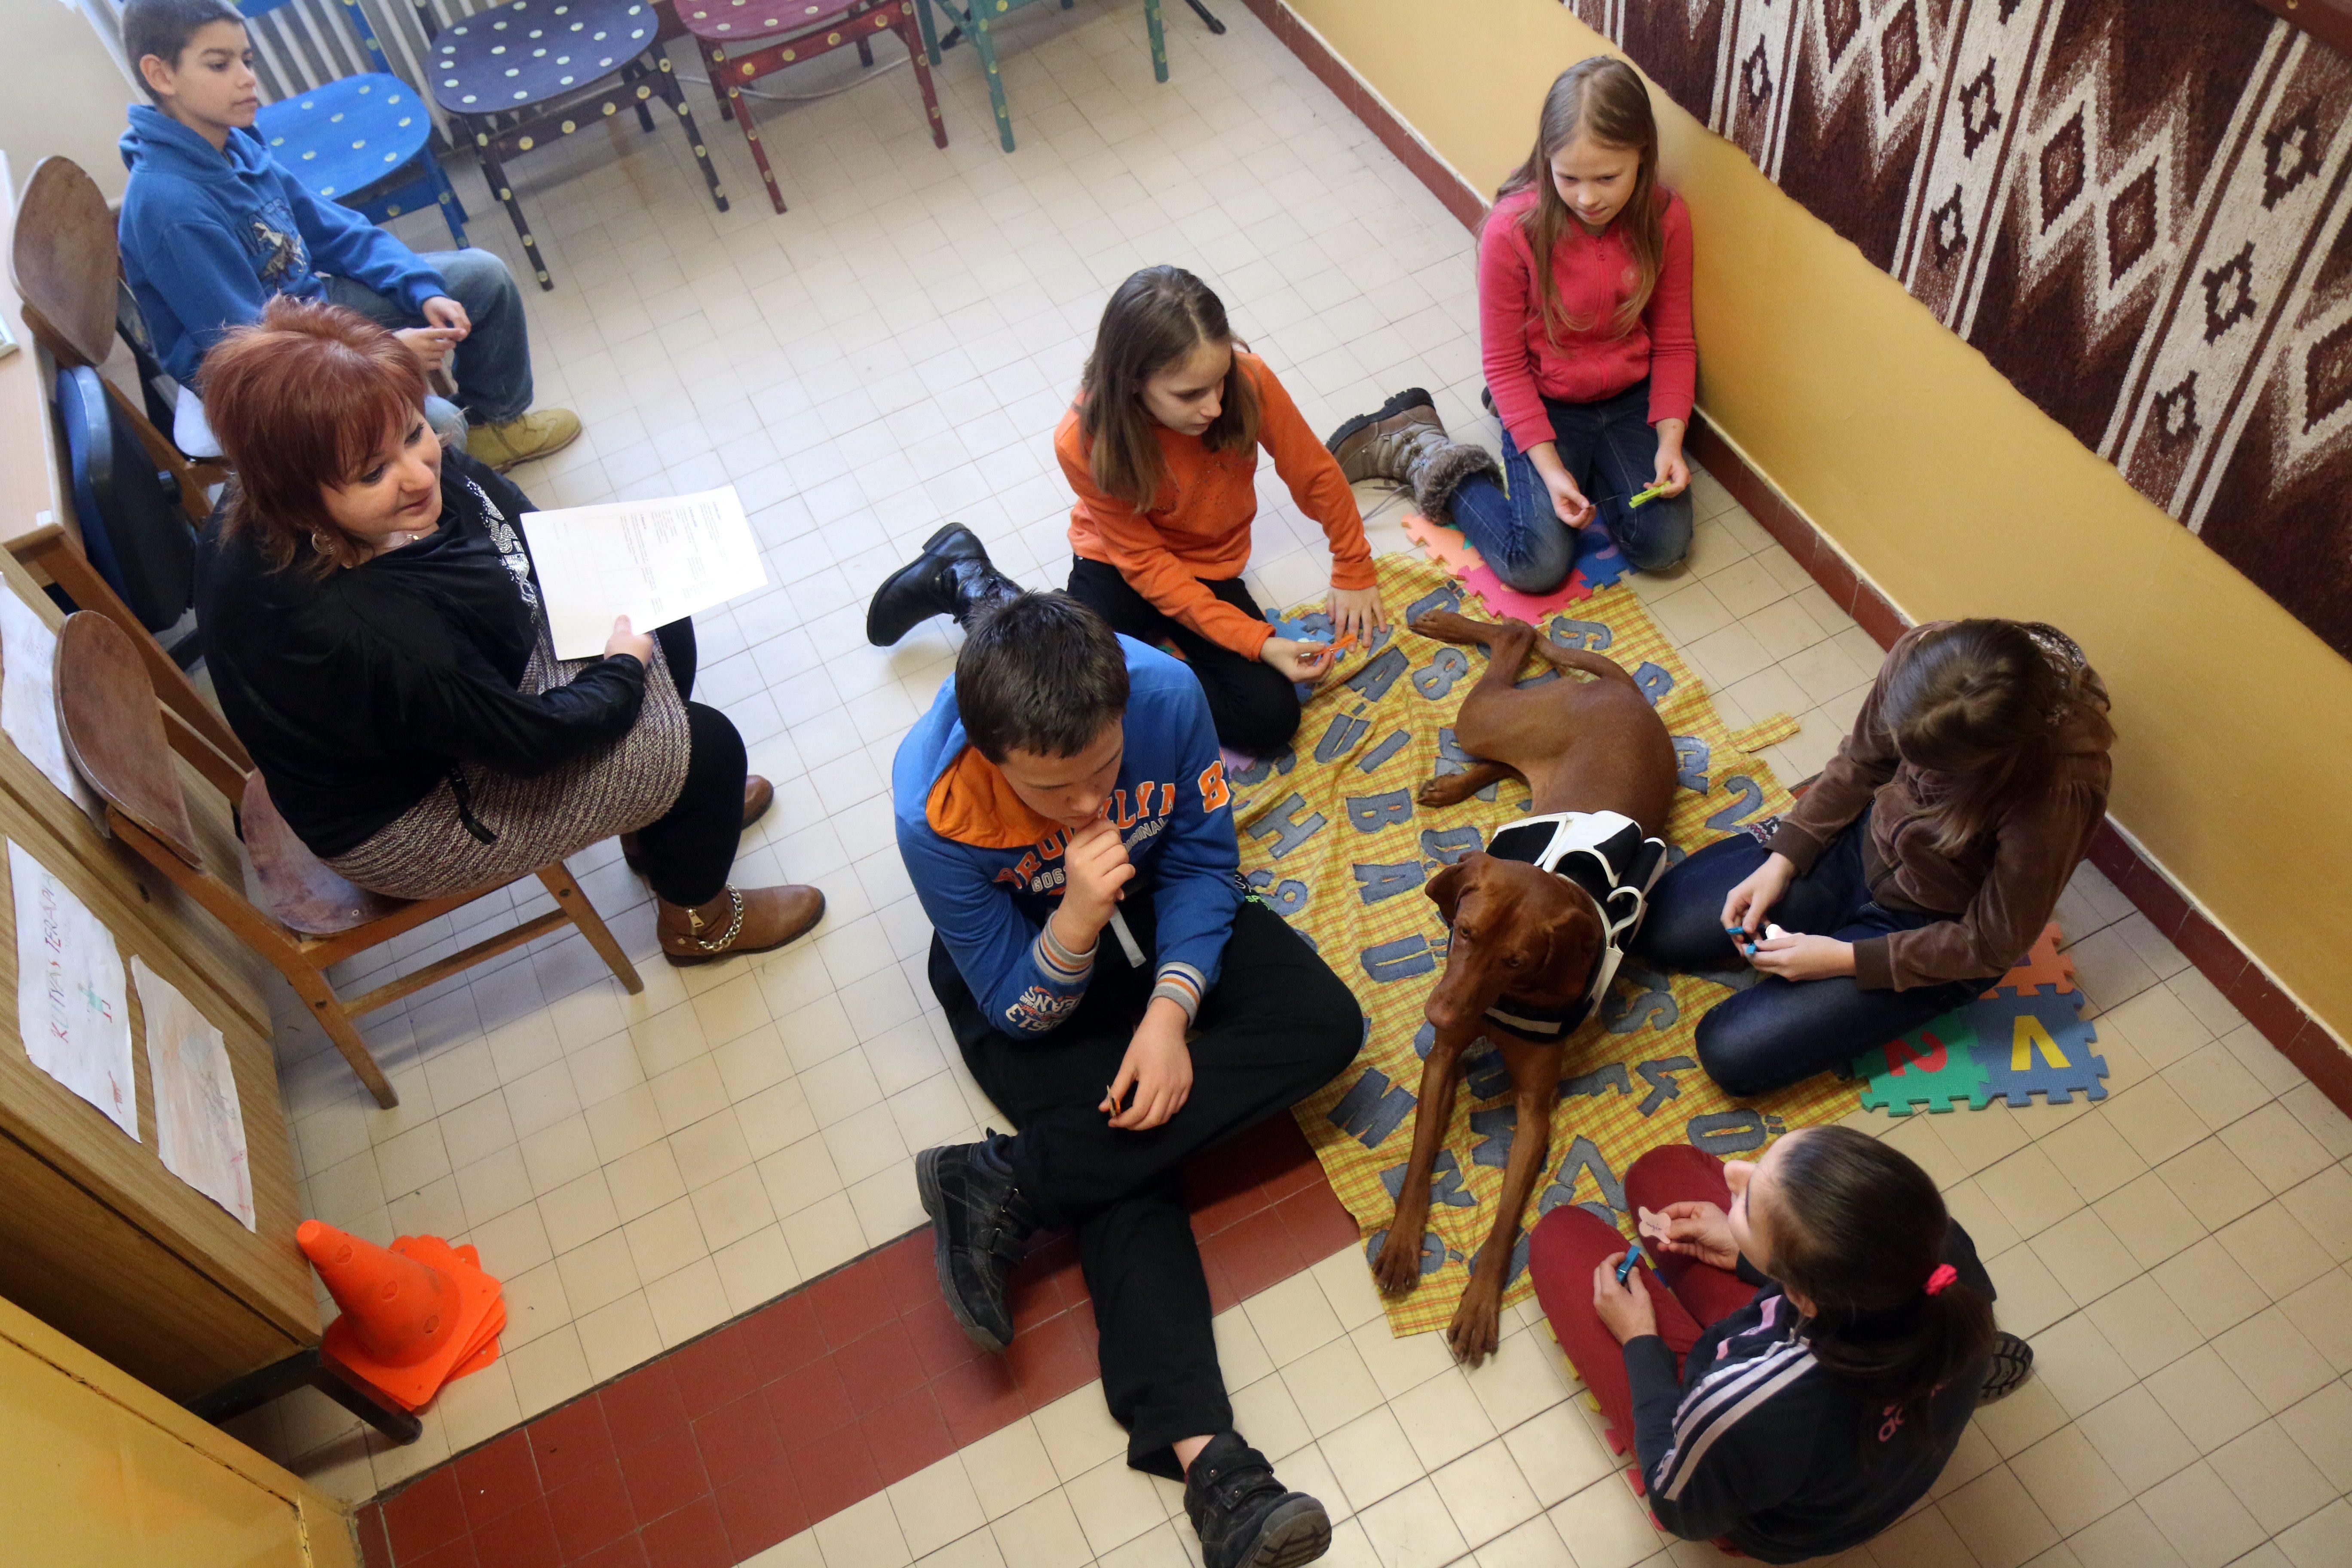 Ózd, 2016. január 22. Sebõk Éva tanító és fejlesztõpedagógus és Repce, a drótszõrû magyar vizsla fejlesztõ foglalkozáson vesz részt diákokkal az ózdi Bolyky Tamás Általános Iskolában 2016. január 22-én. A tanárnõ kezdeményezésére az iskolában terápiás kutyával asszisztált pedagógiai foglalkozásokat tartanak a tanulási zavarral küzdõ diákok és társaik számára. A kötetlenebb, játékosabb jellegû foglalkozás során a kutyával közösen végzett feladatmegoldás és az állatra fordított figyelem elsõsorban a szorongás leküzdésében és a koncentrációképesség javításában segít a diákoknak. MTI Fotó: Vajda János